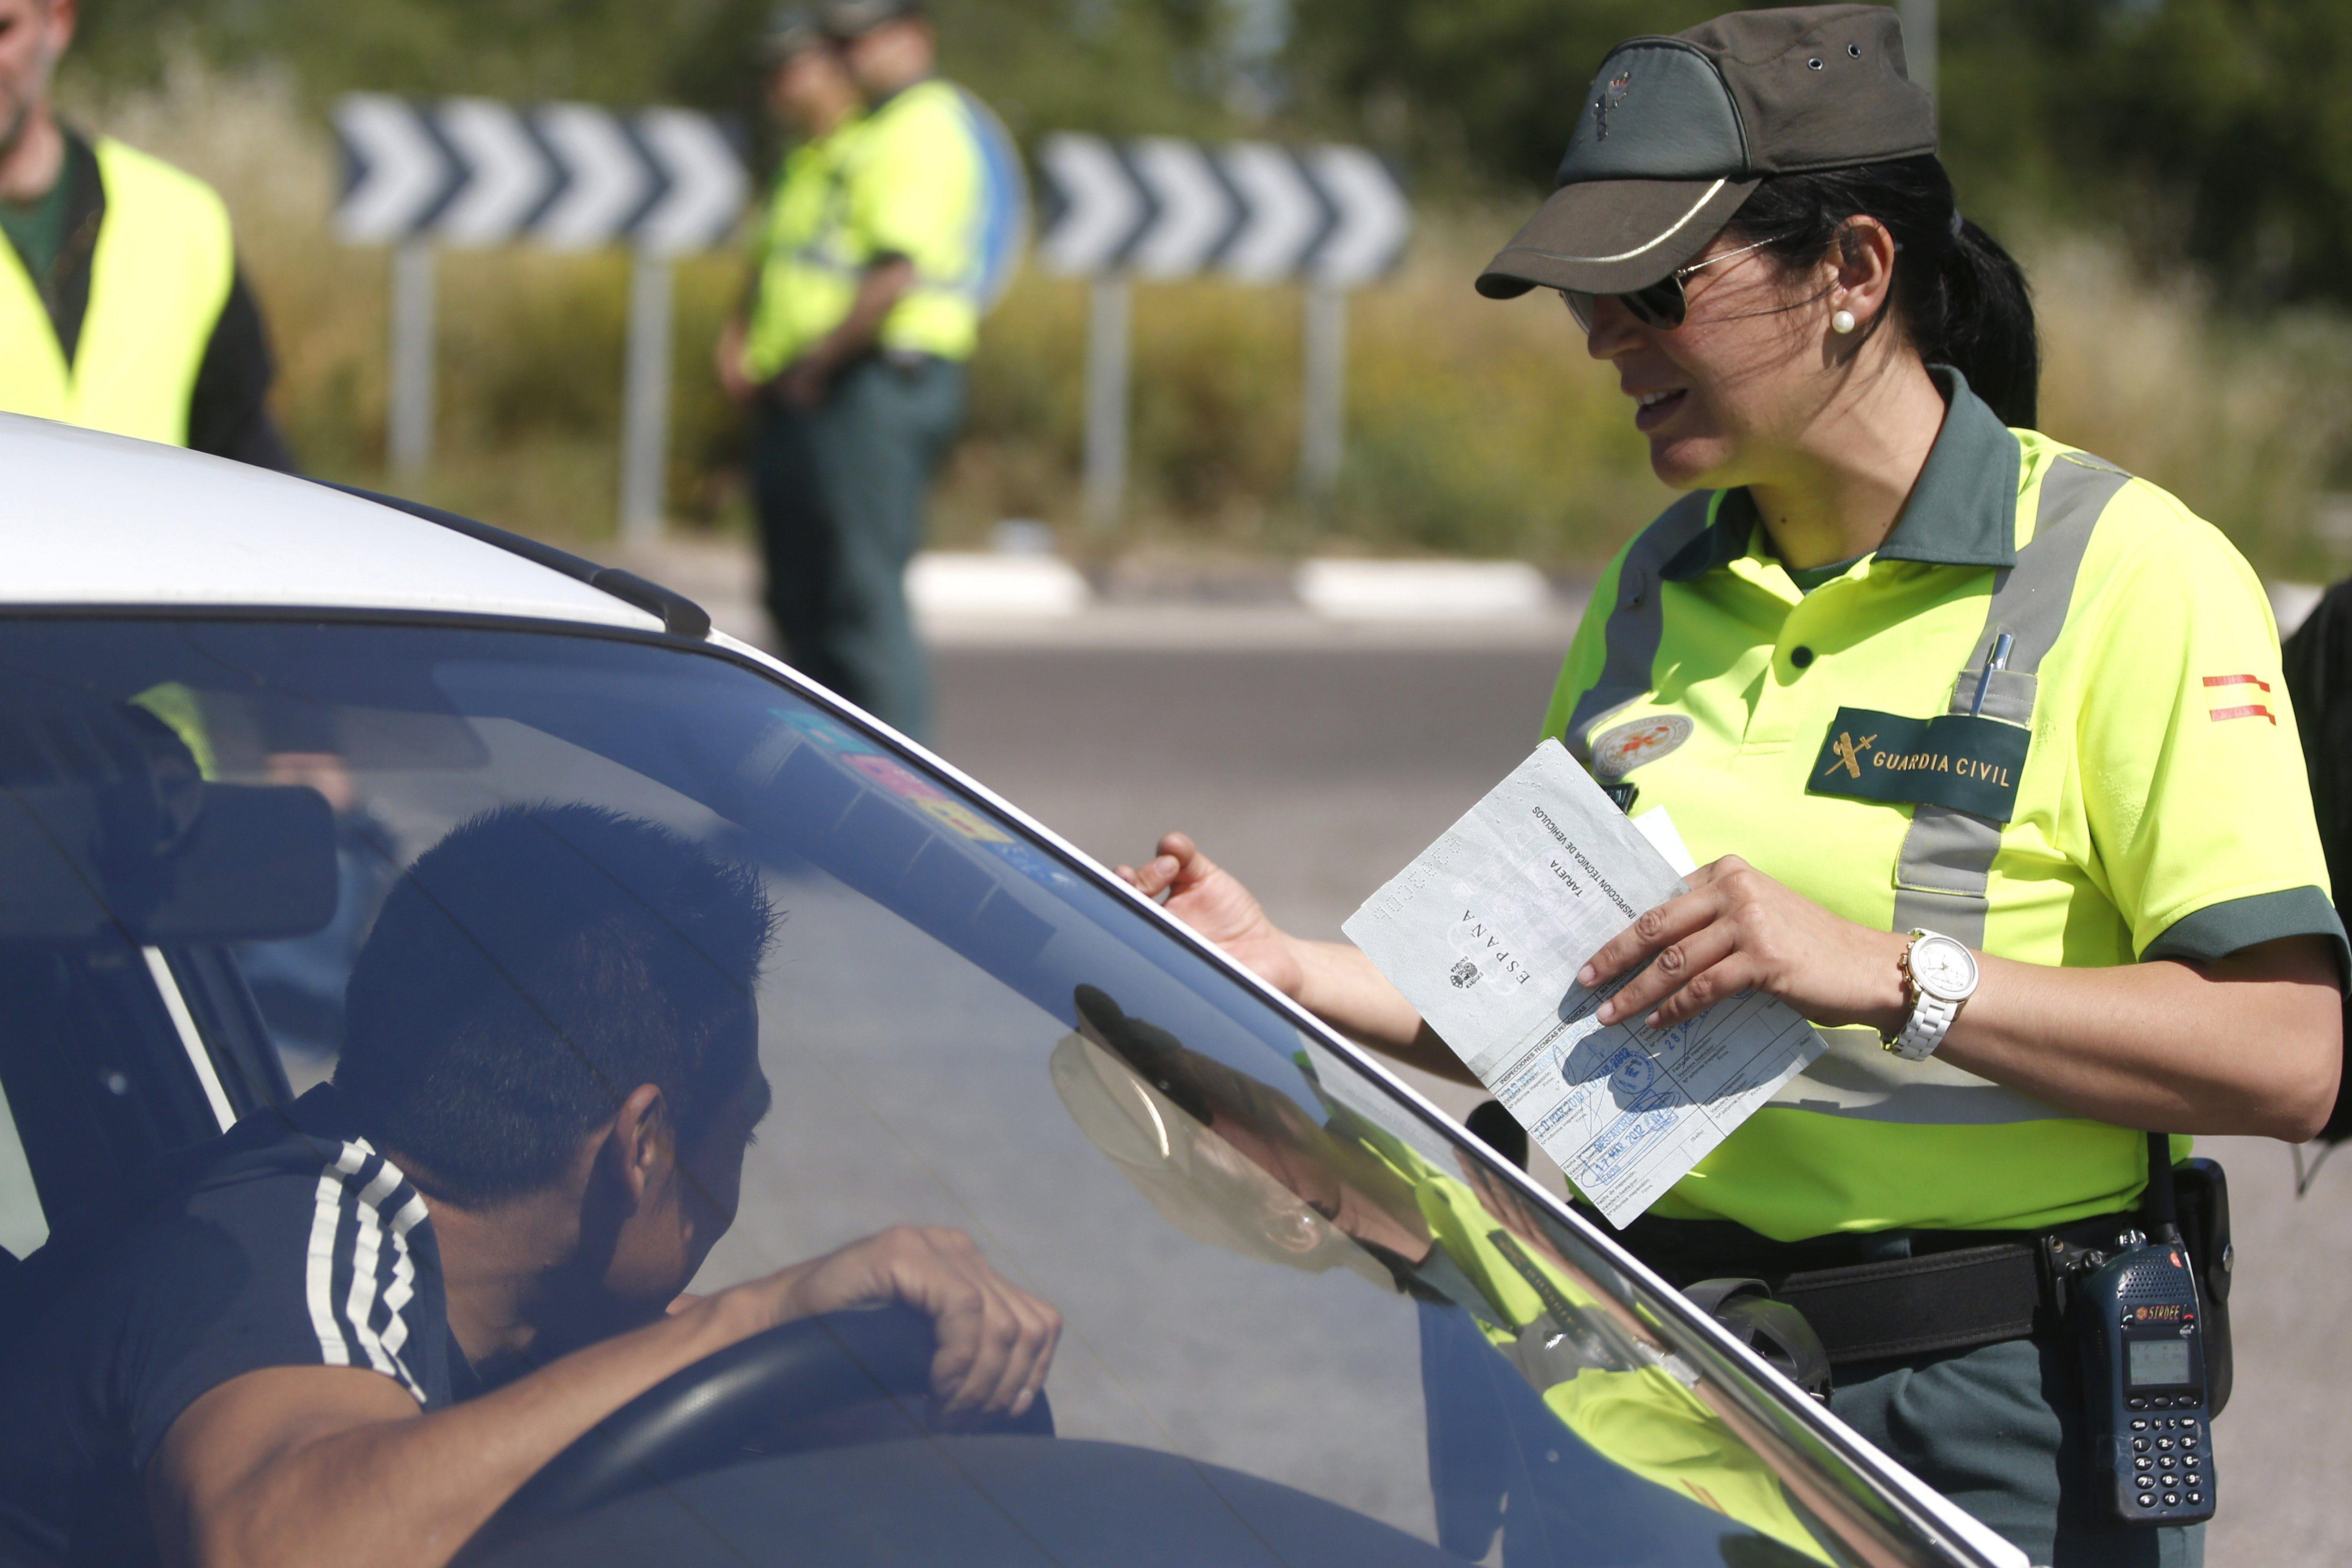 Usar el móvil cuando se conduce multiplica por cuatro el riesgo de accidente